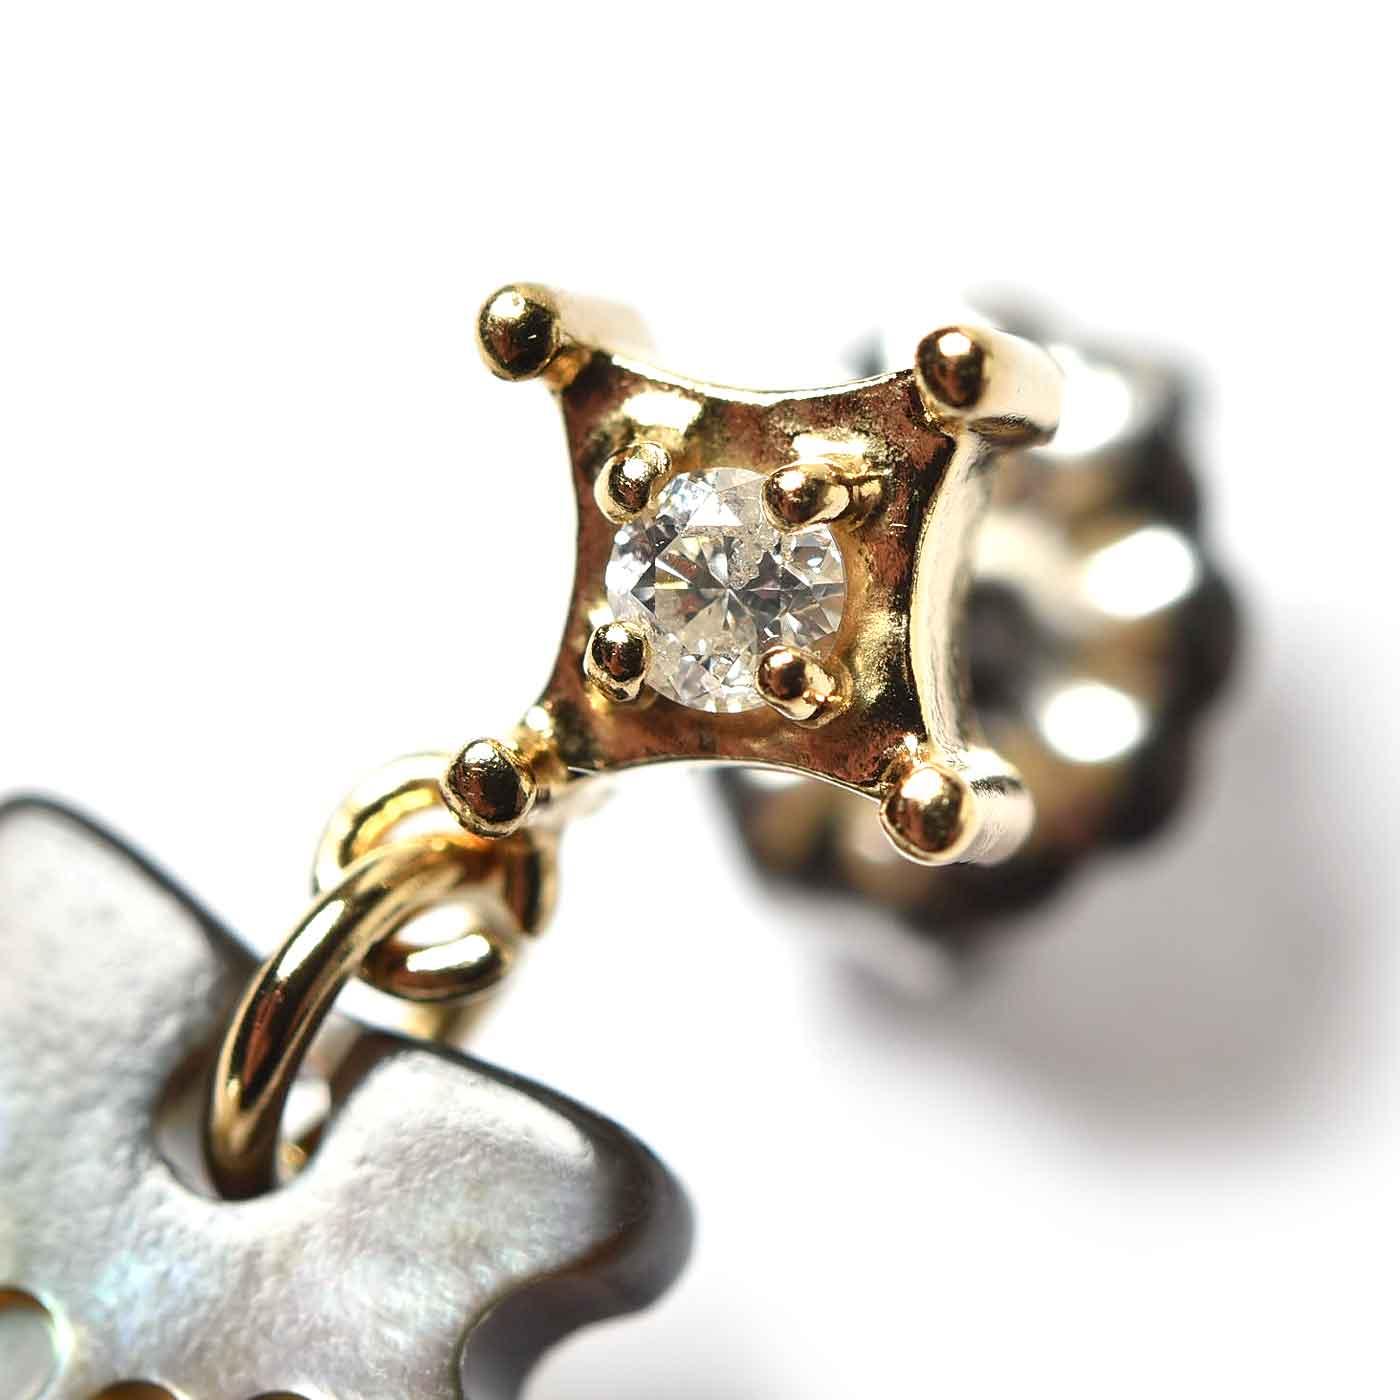 ピアス 立て爪にキラリ輝くダイアモンドがきれい。